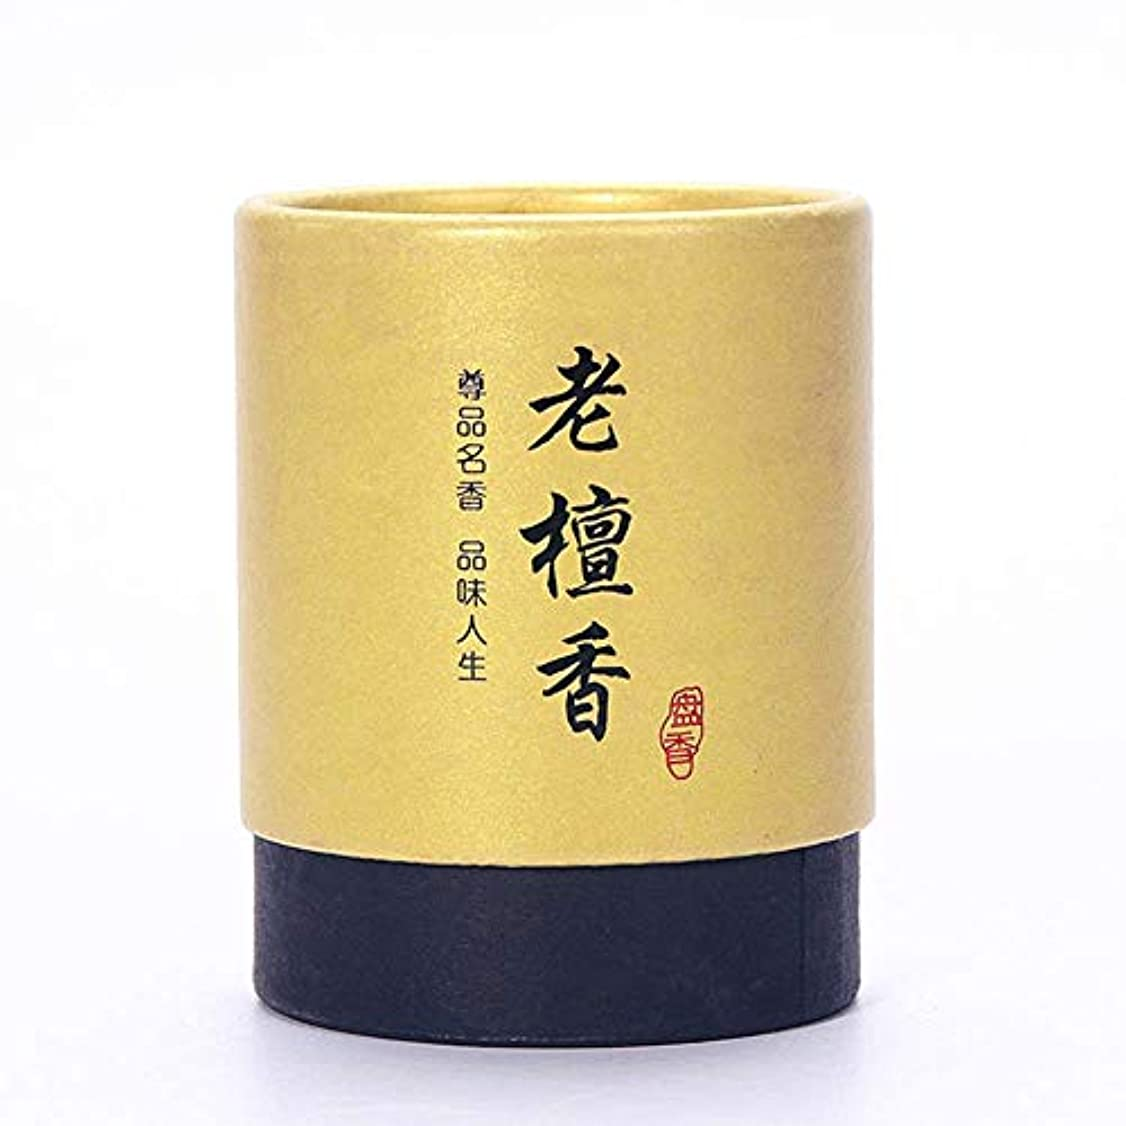 フォルダクスクス樫の木HwaGui お香 ビャクダン 2時間 盤香 渦巻き線香 優しい香り 48巻入 (老い檀香)